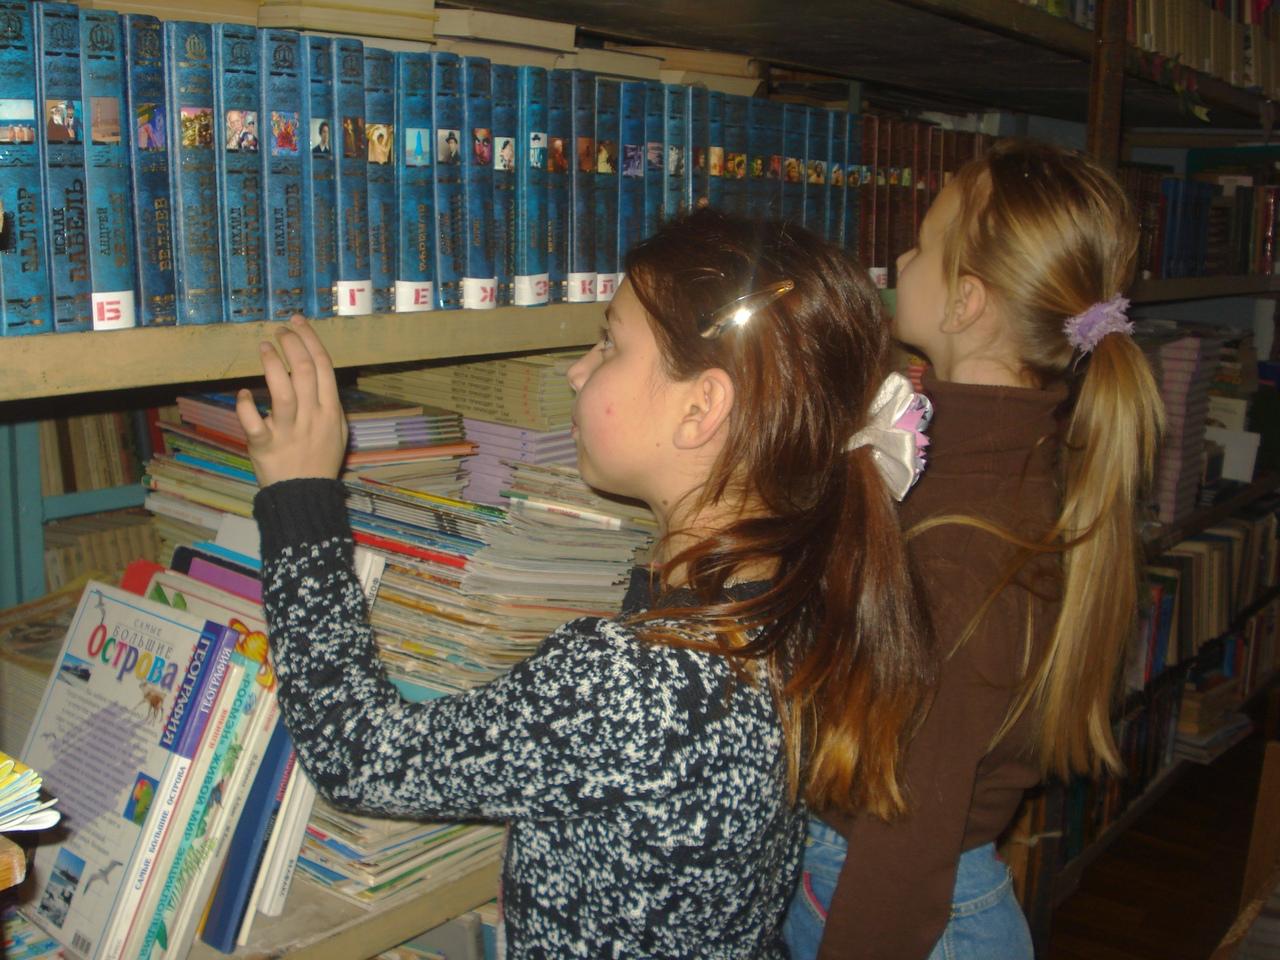 донецкая республиканская библиотека для детей, занятия с детьми, детям о литературе и библиотеке, отдел обслуживания учащихся 5-9 классов, библиоориентирование